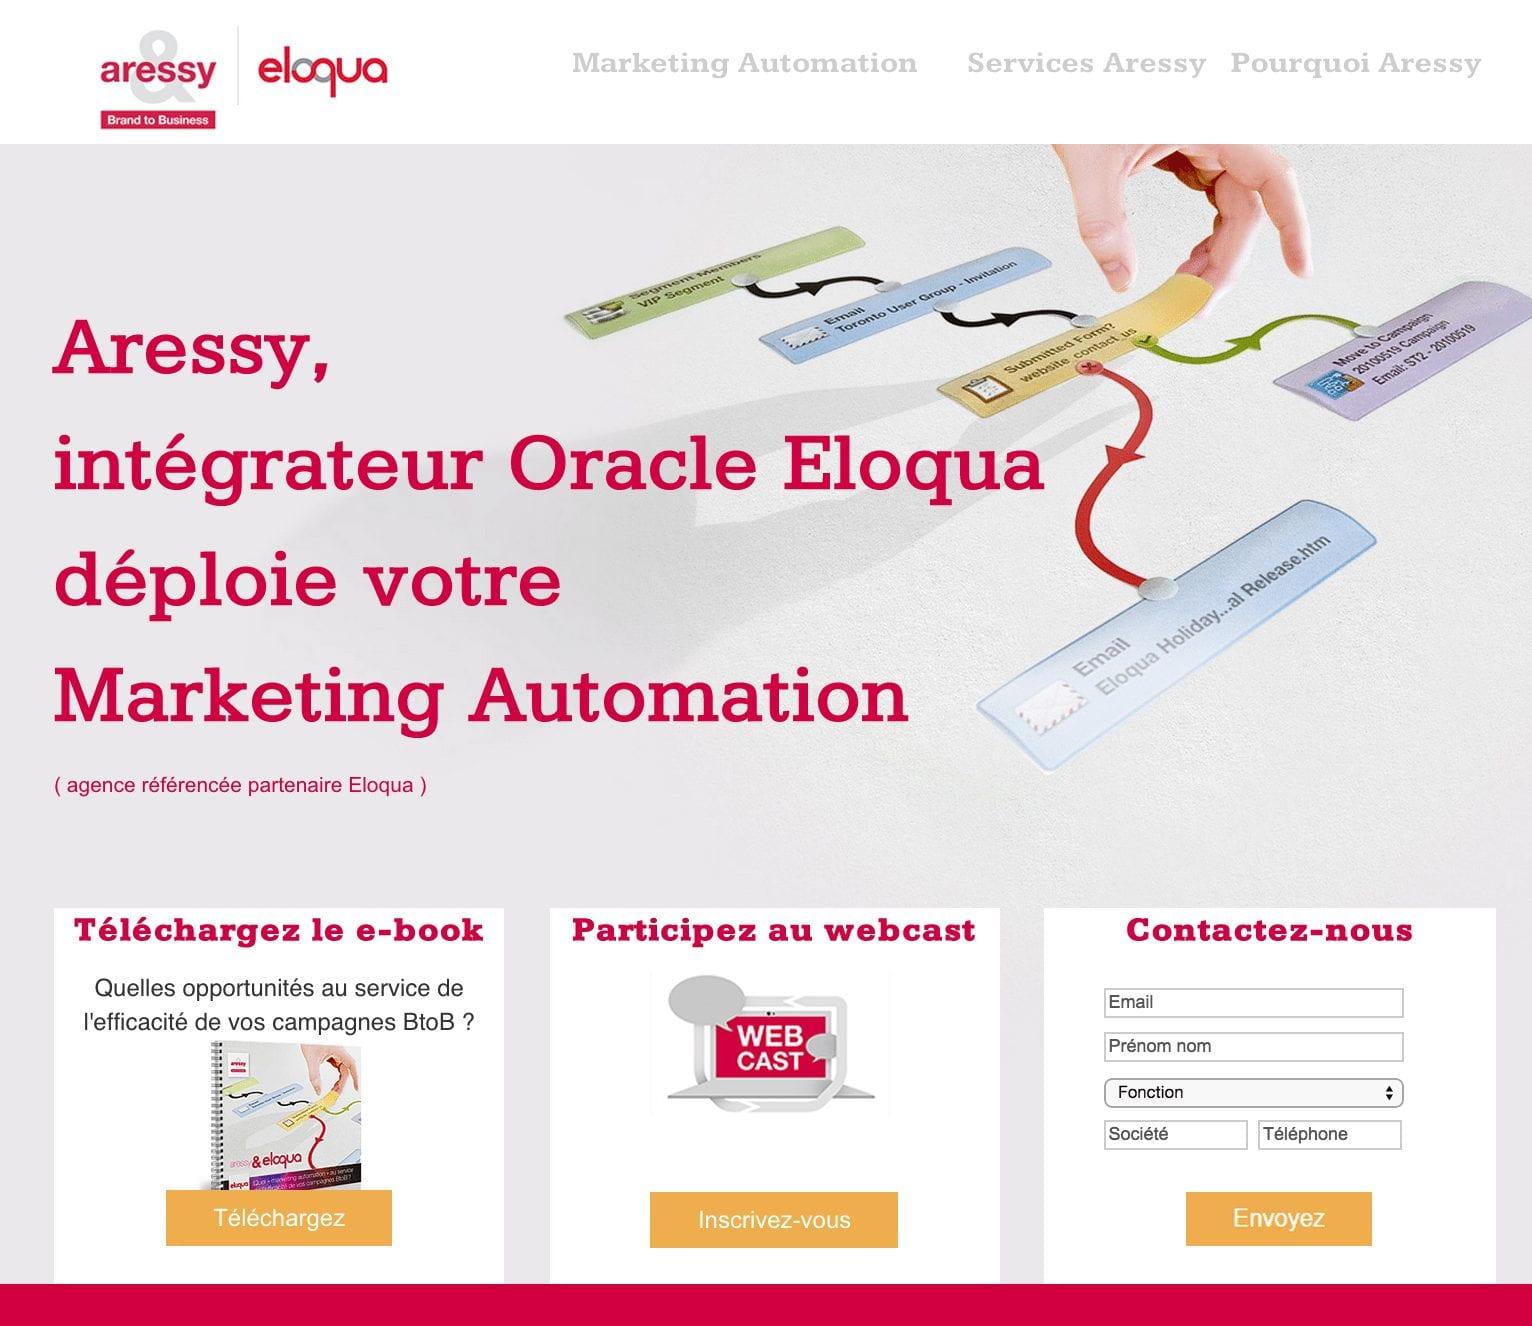 Découvrez le site dédié Aressy Eloqua